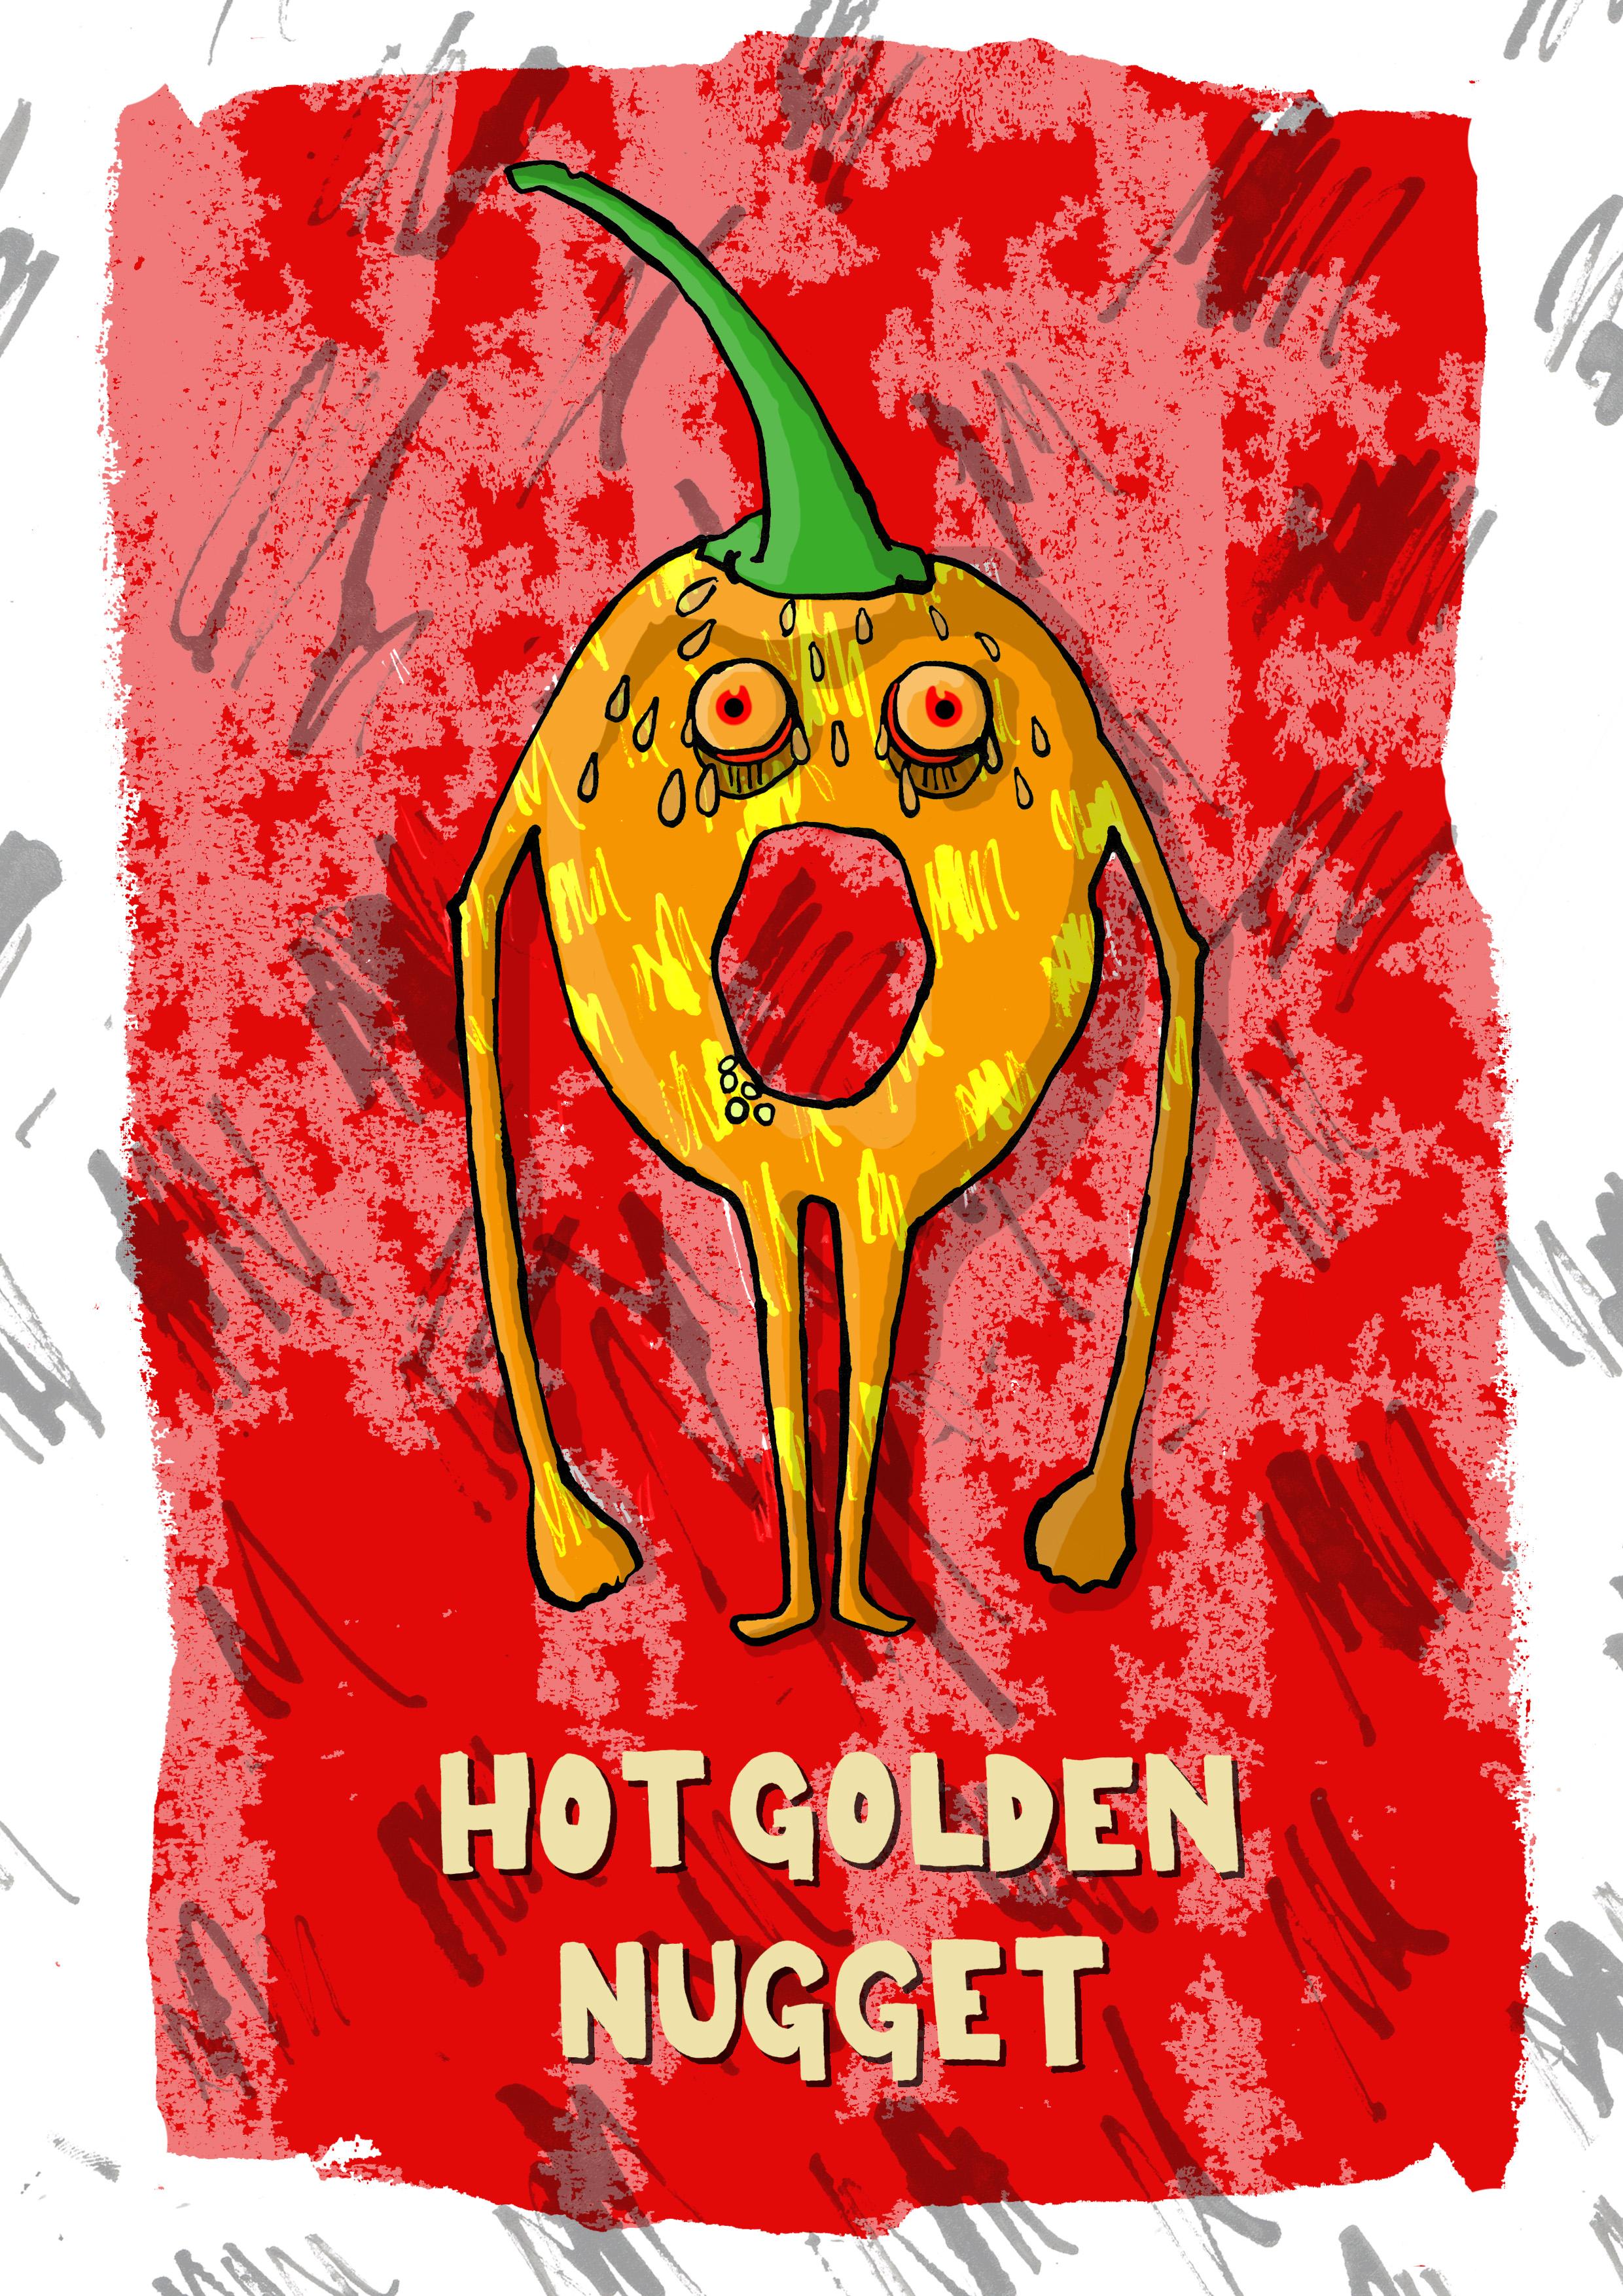 Hot golden nugget1.jpg